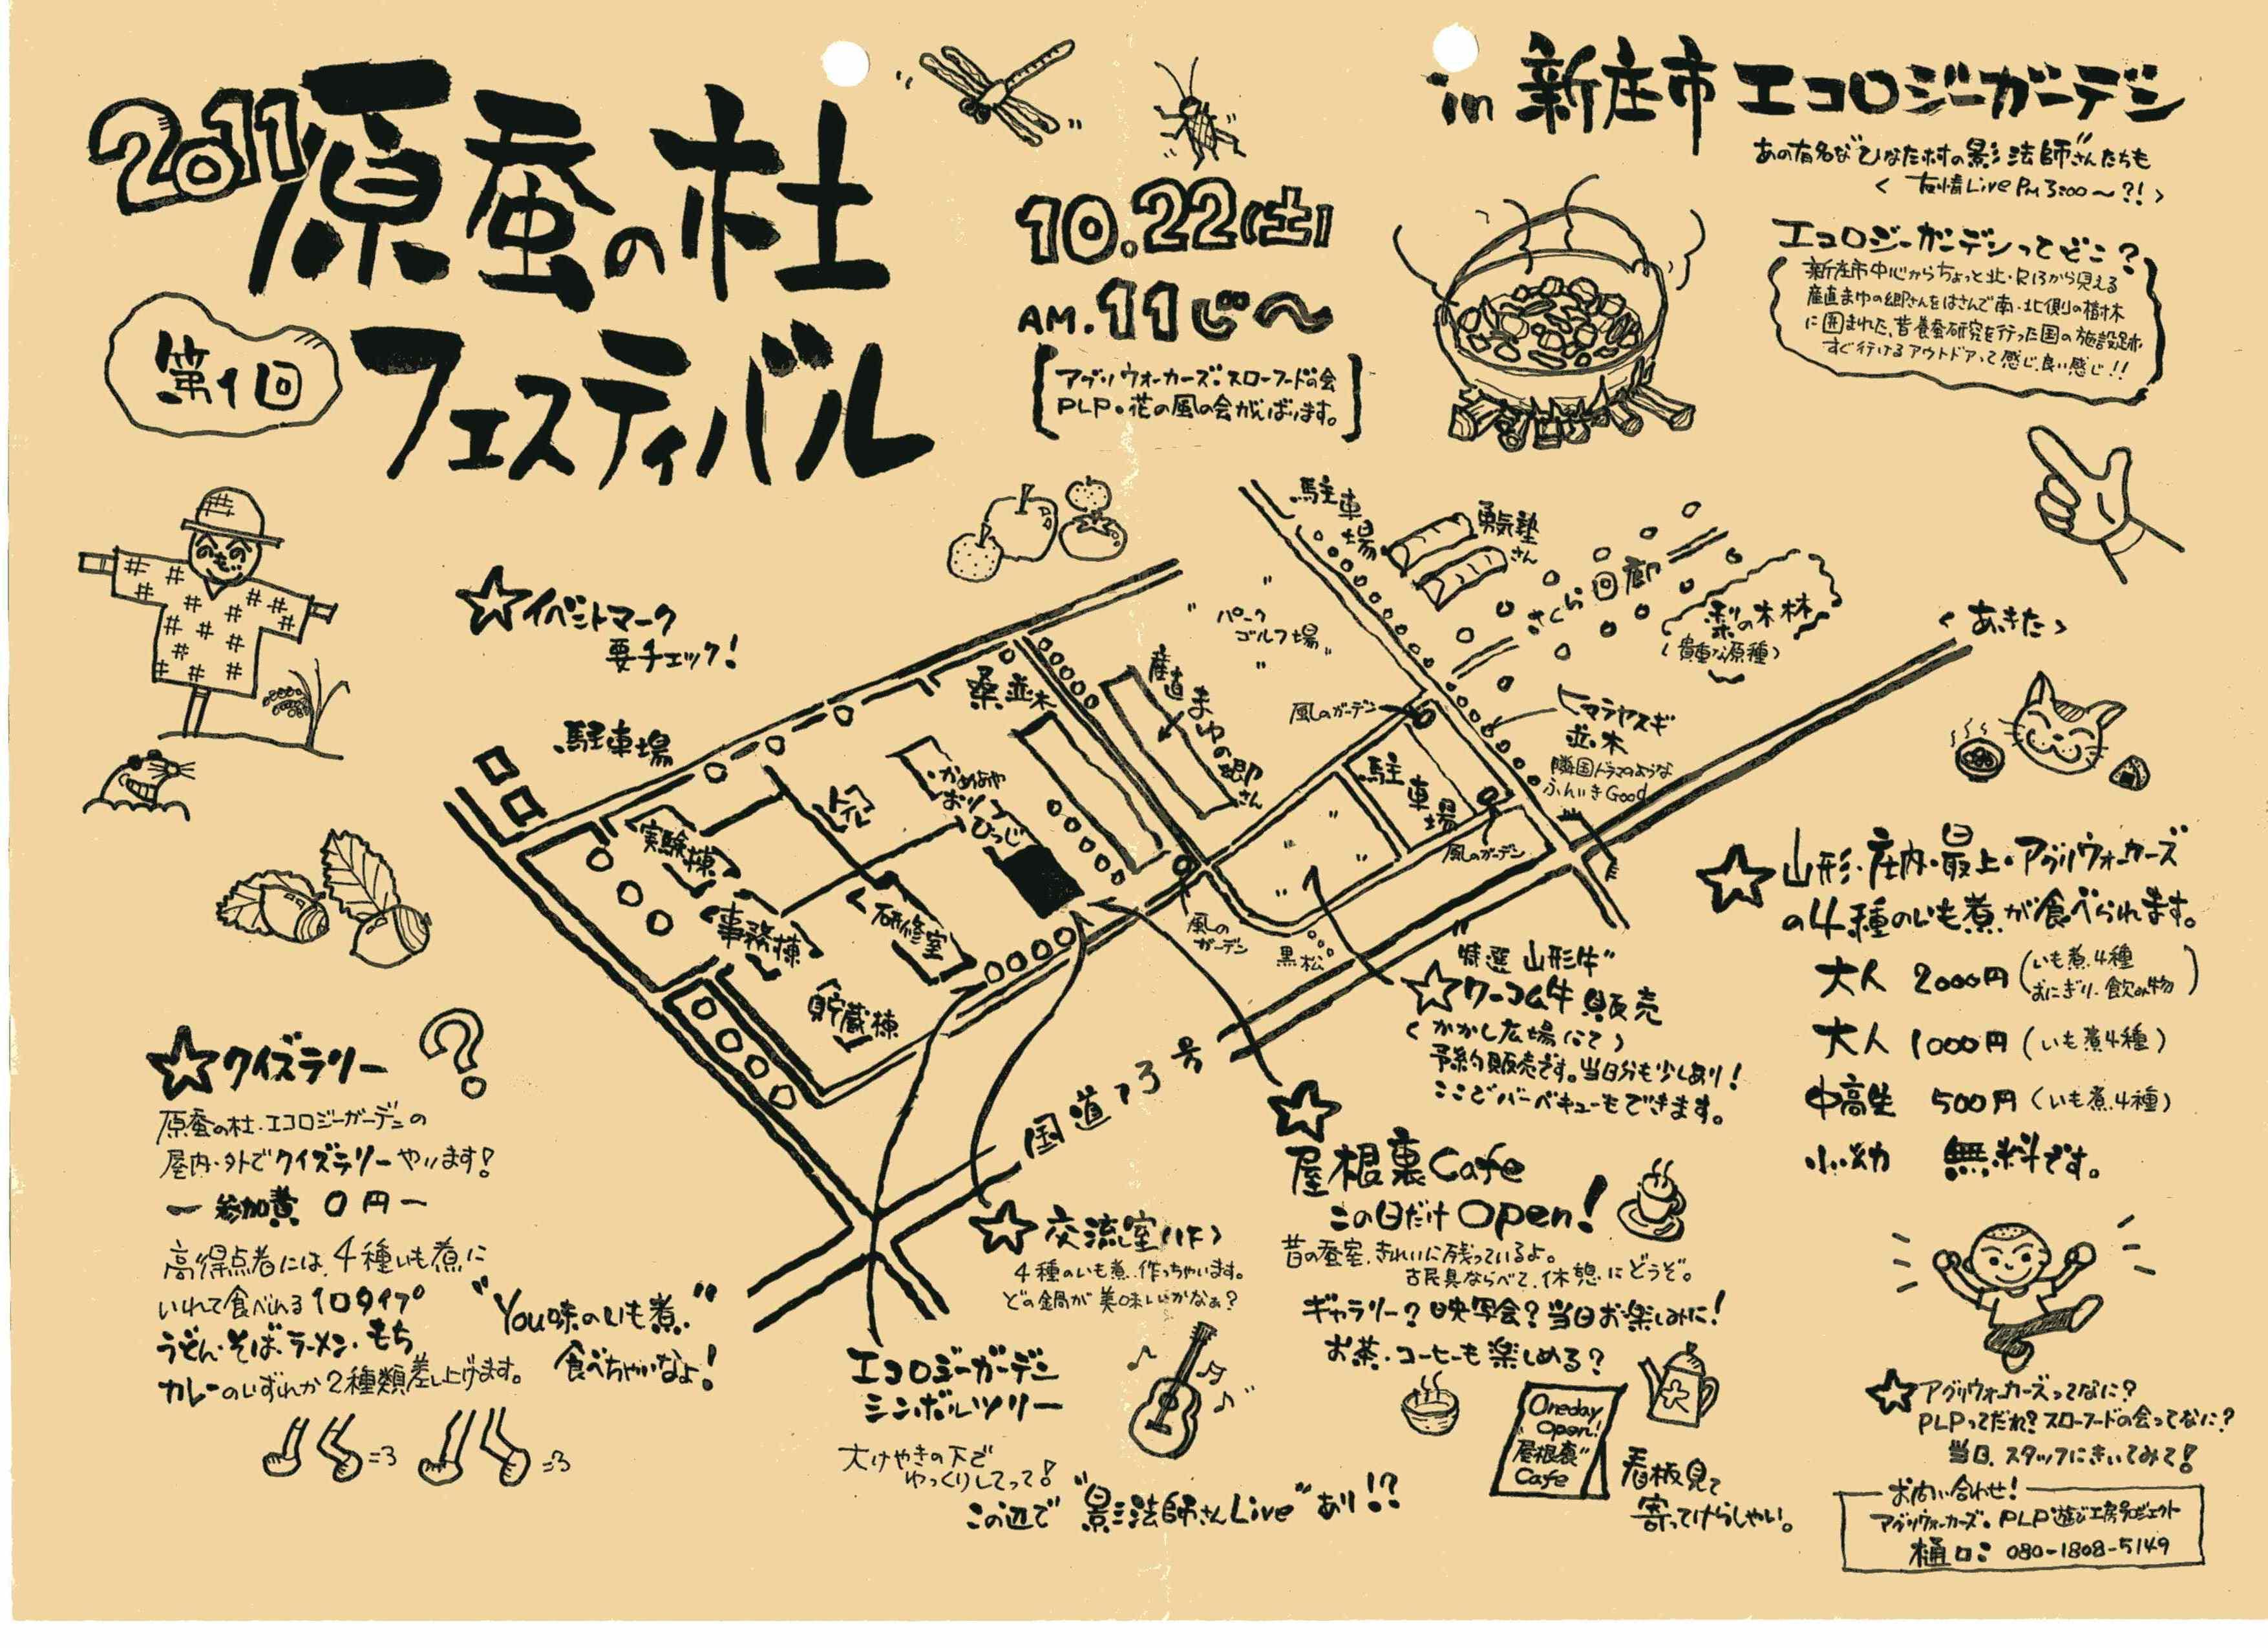 屋根裏Cafe in 原蚕の杜フェスティバル:画像